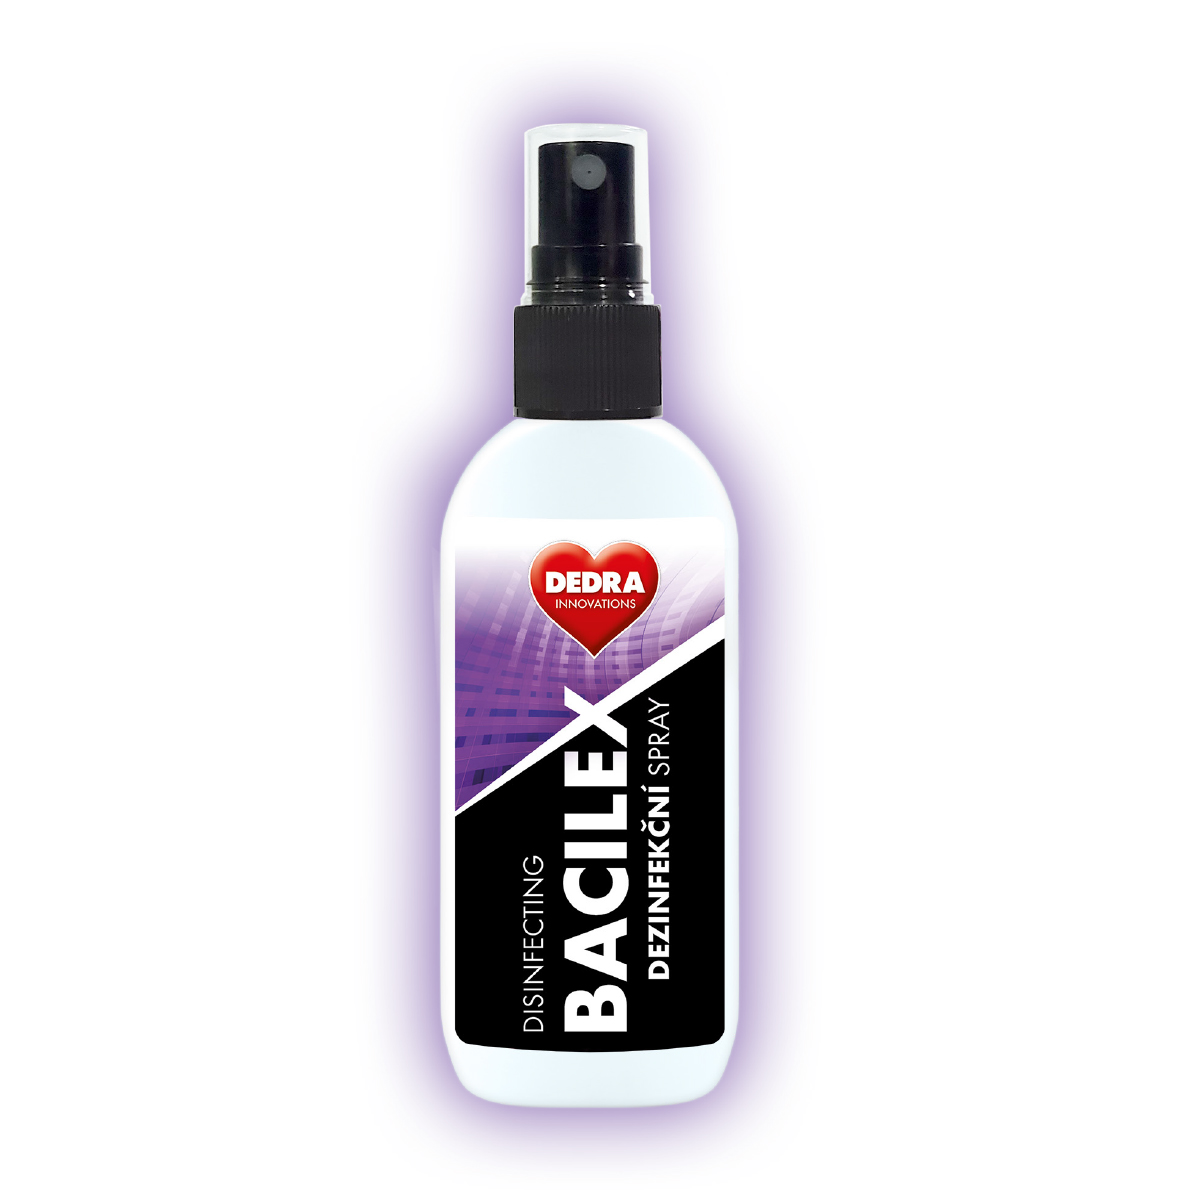 Certifikovaný dezinfekční spray, 71 % alkoholu, BACILEX® DISINFECTING SPRAY